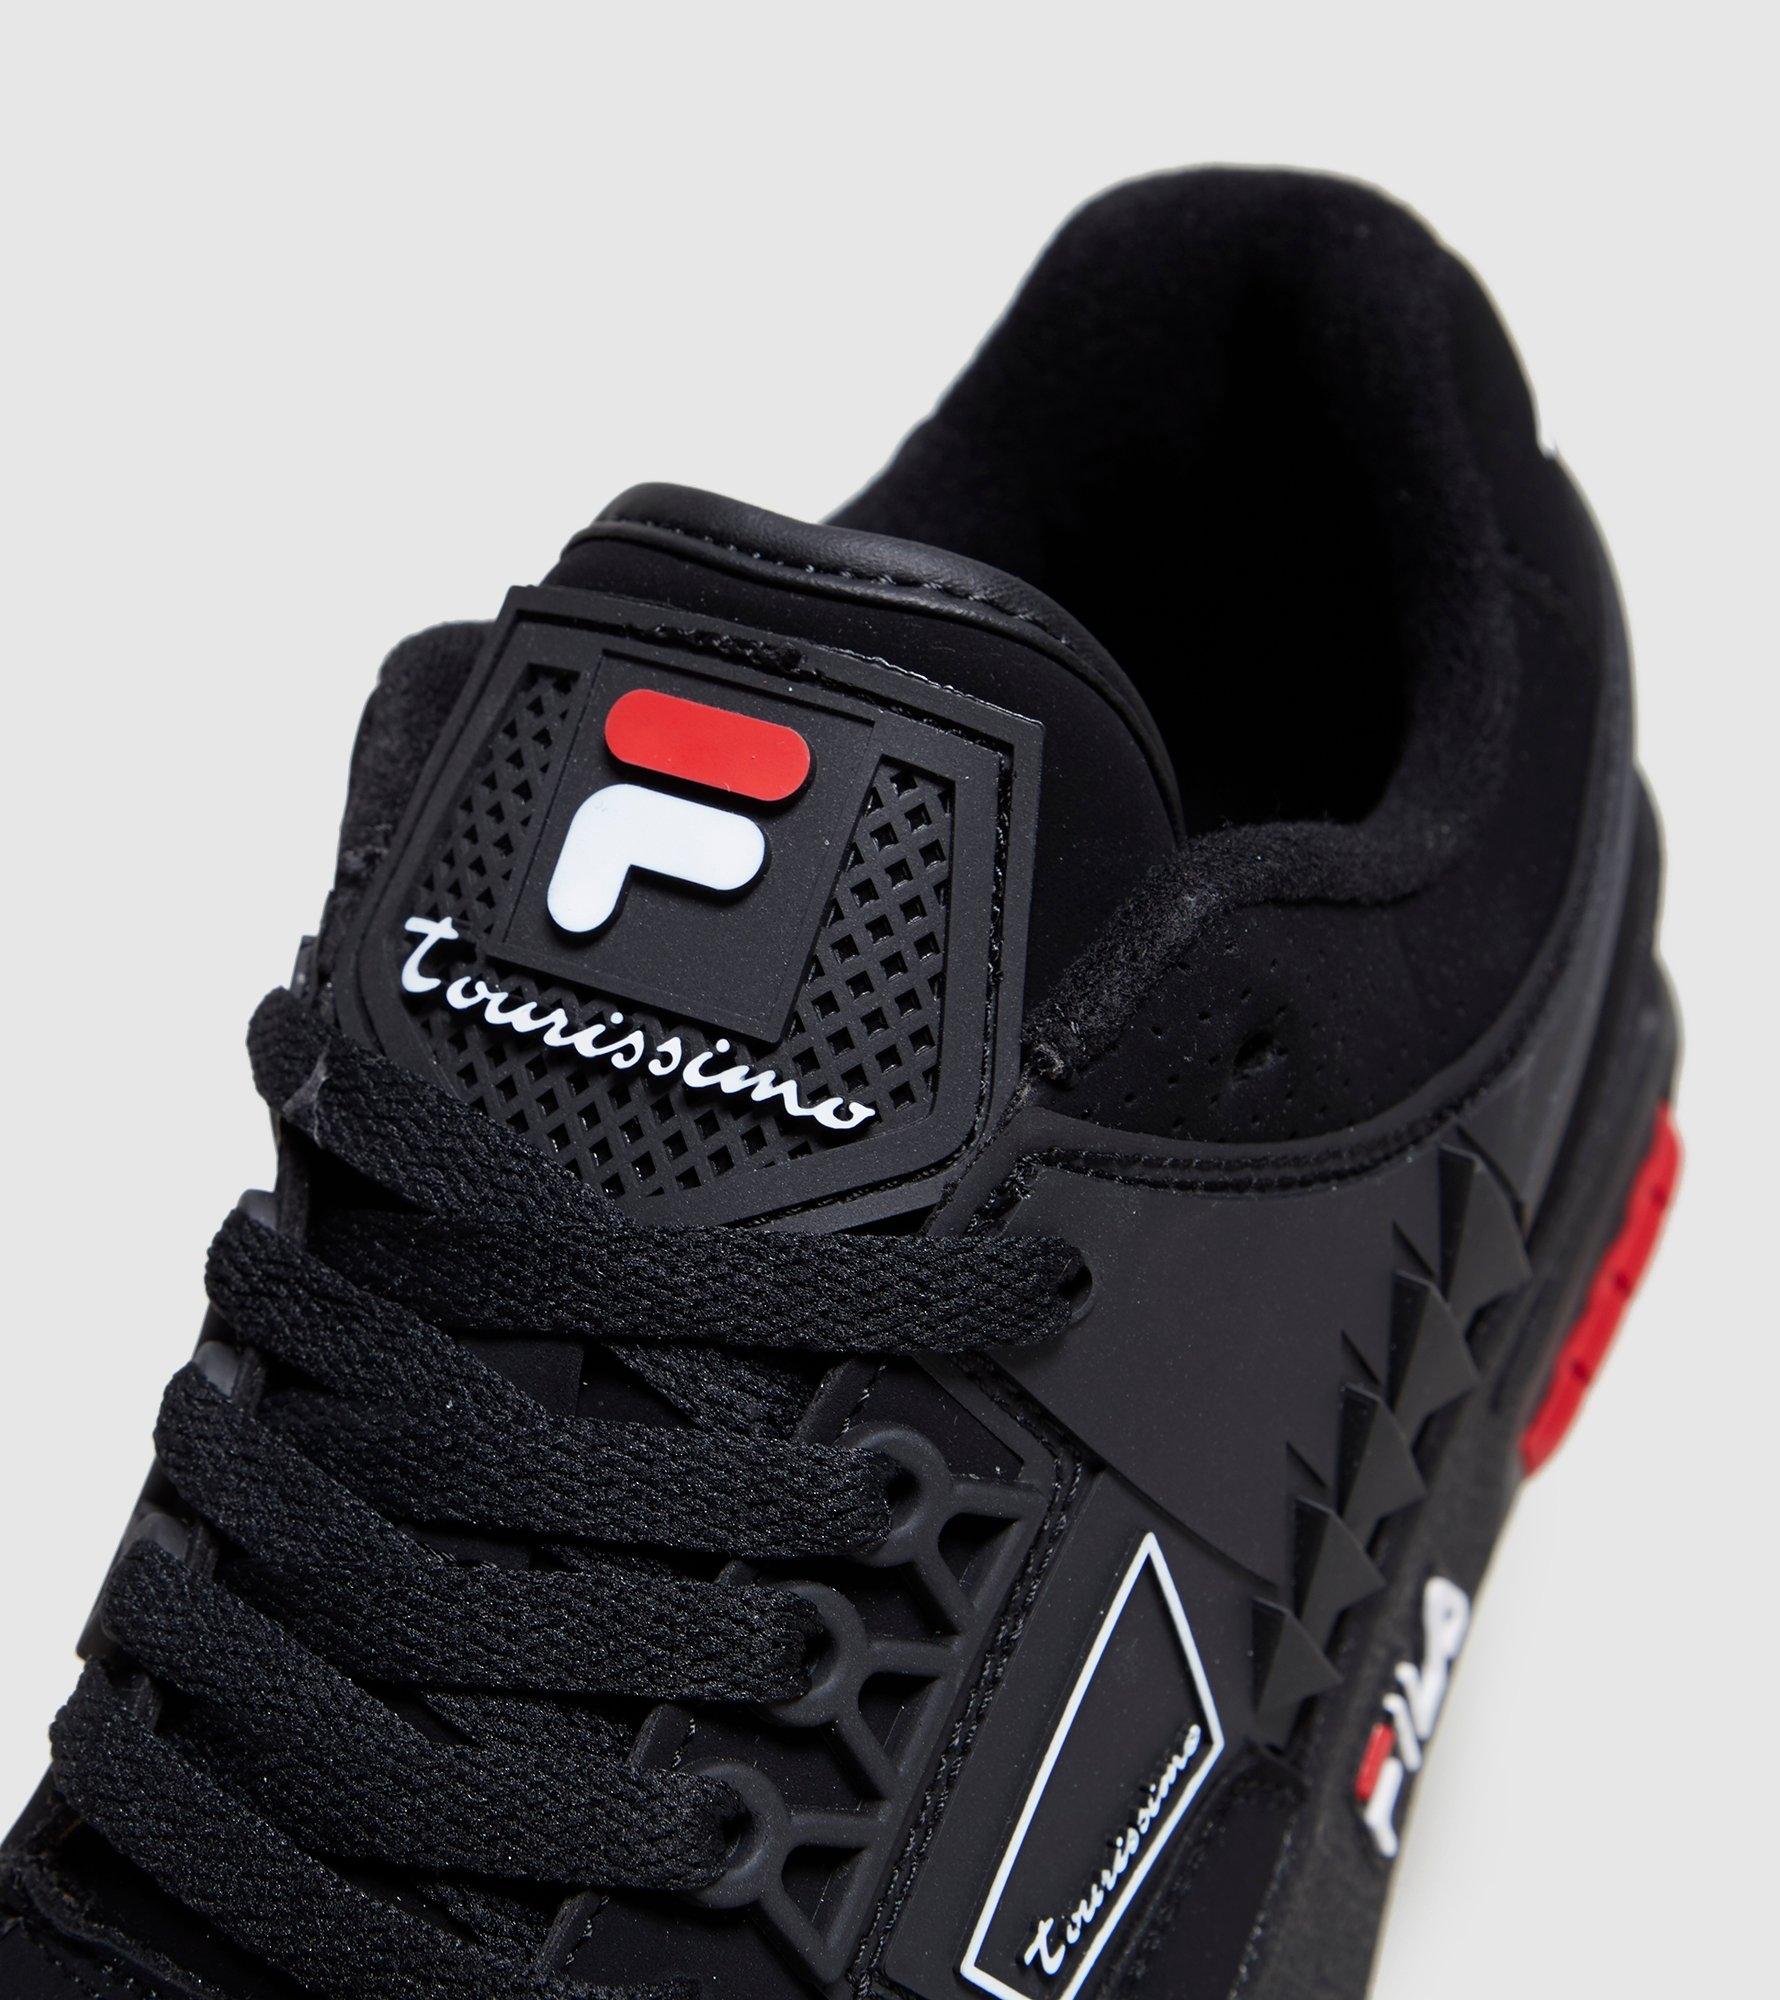 e1ad83921b8c Shop FILA Tourissimo Low Black. FILA OG Tennis   OG Fitness